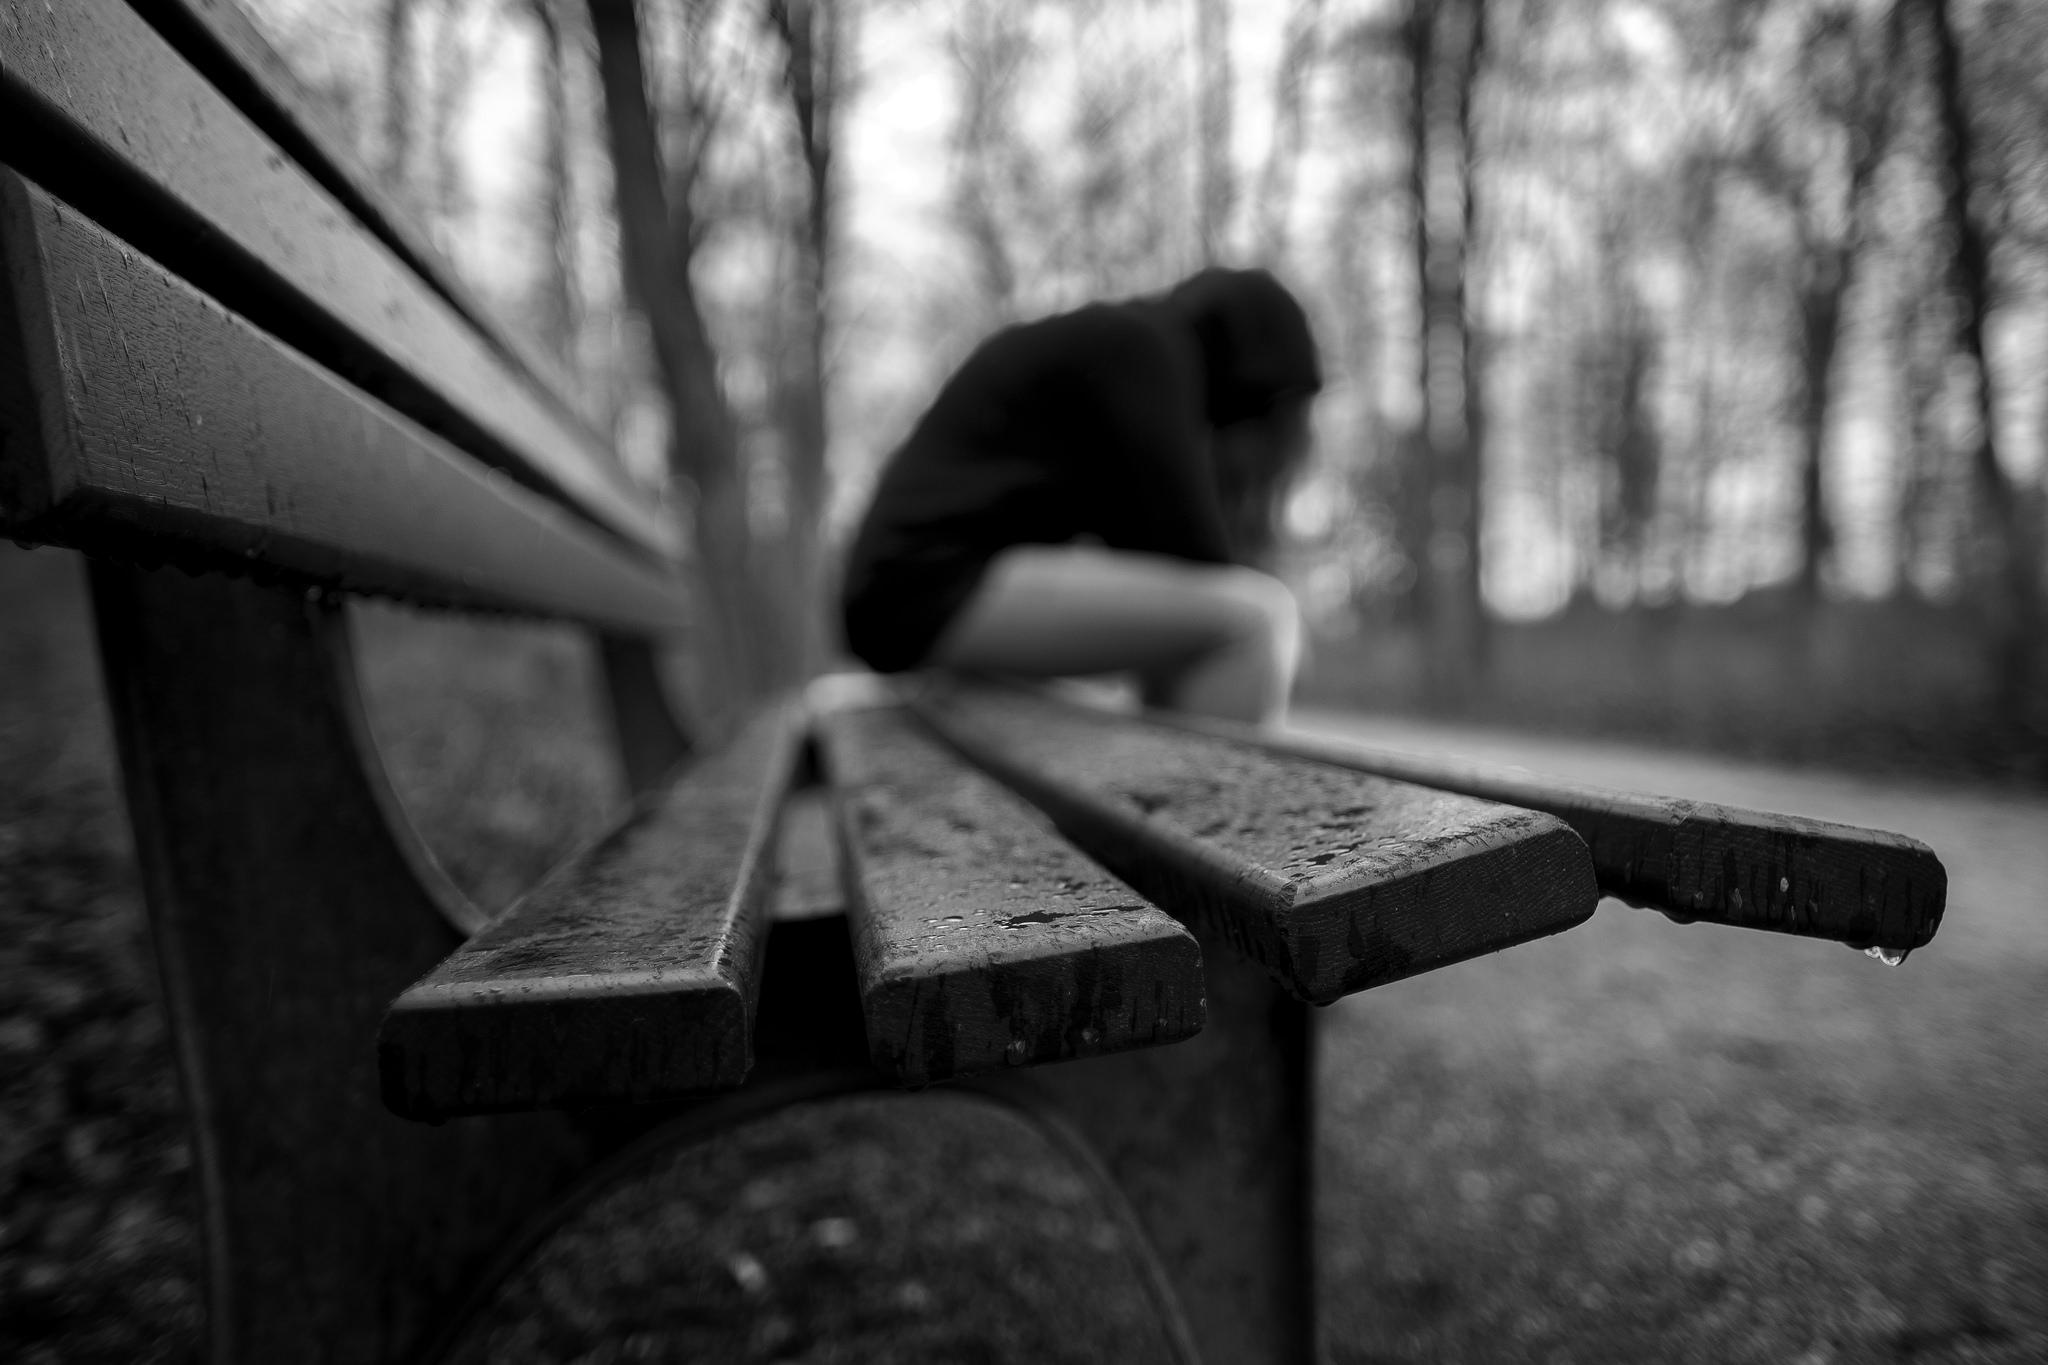 Segítség, a szerettem depressziós! – 4 segítő gondolat, ha segíteni szeretnél